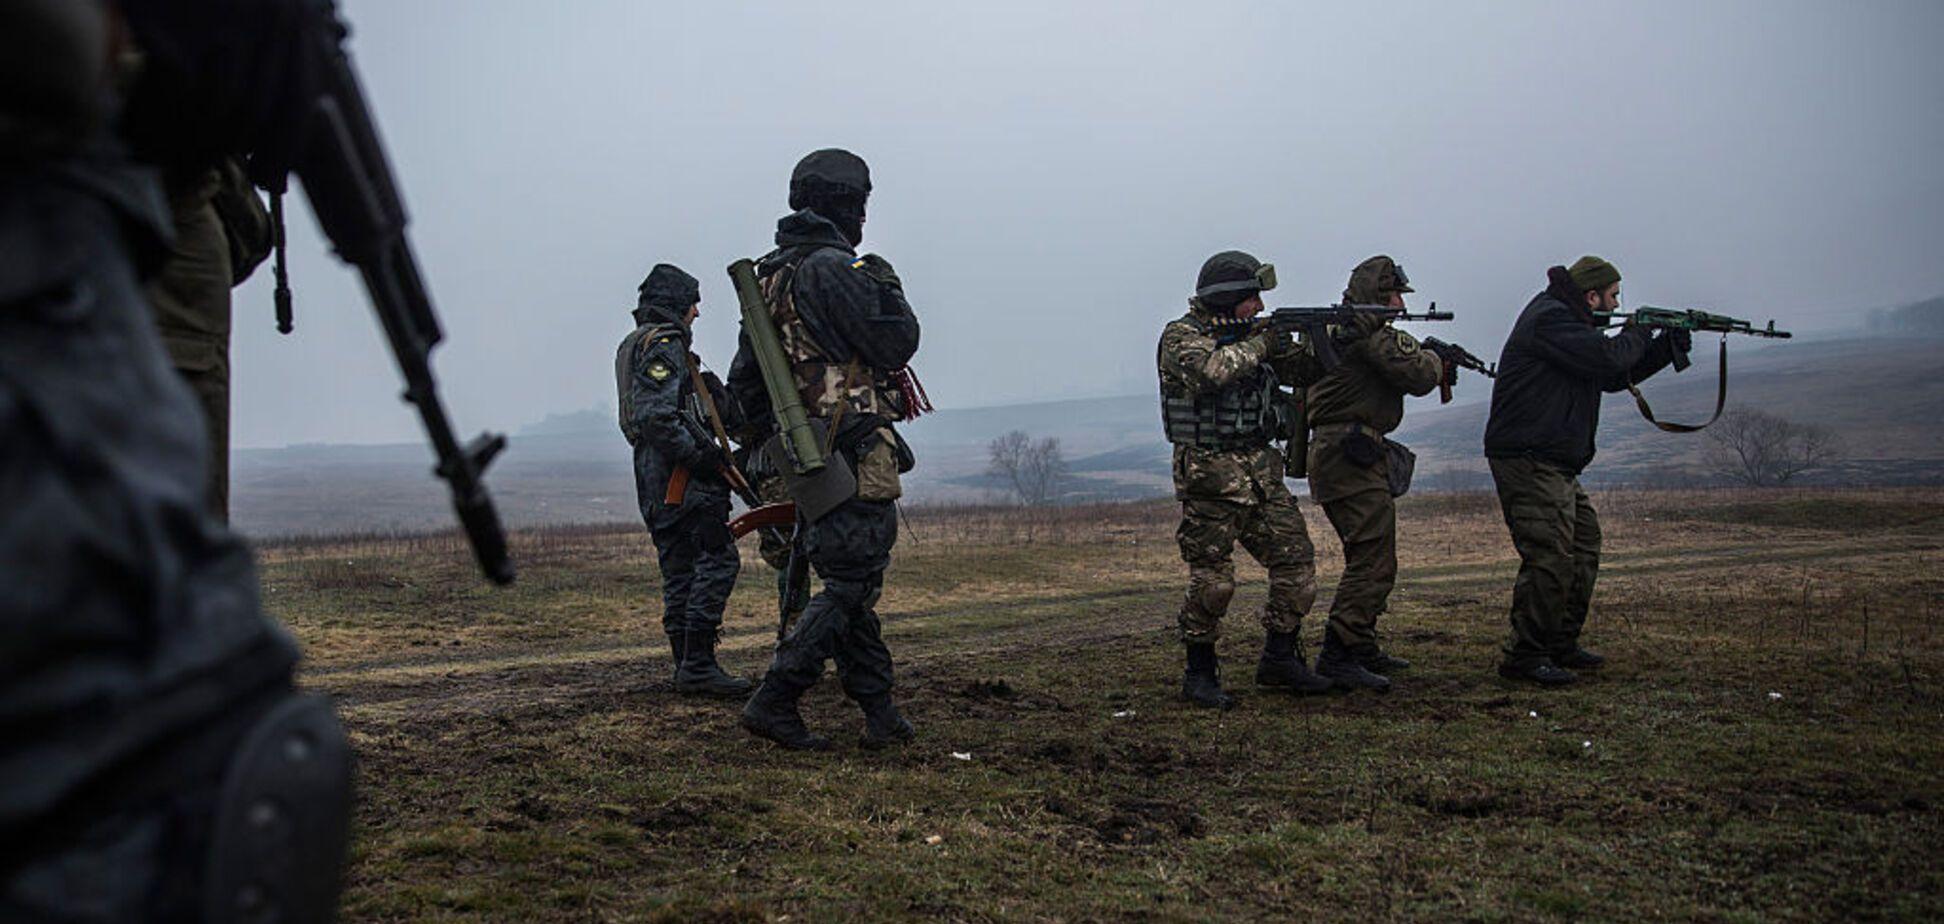 Будут огромные потери: командир АТО назвал единственный путь освобождения Донбасса